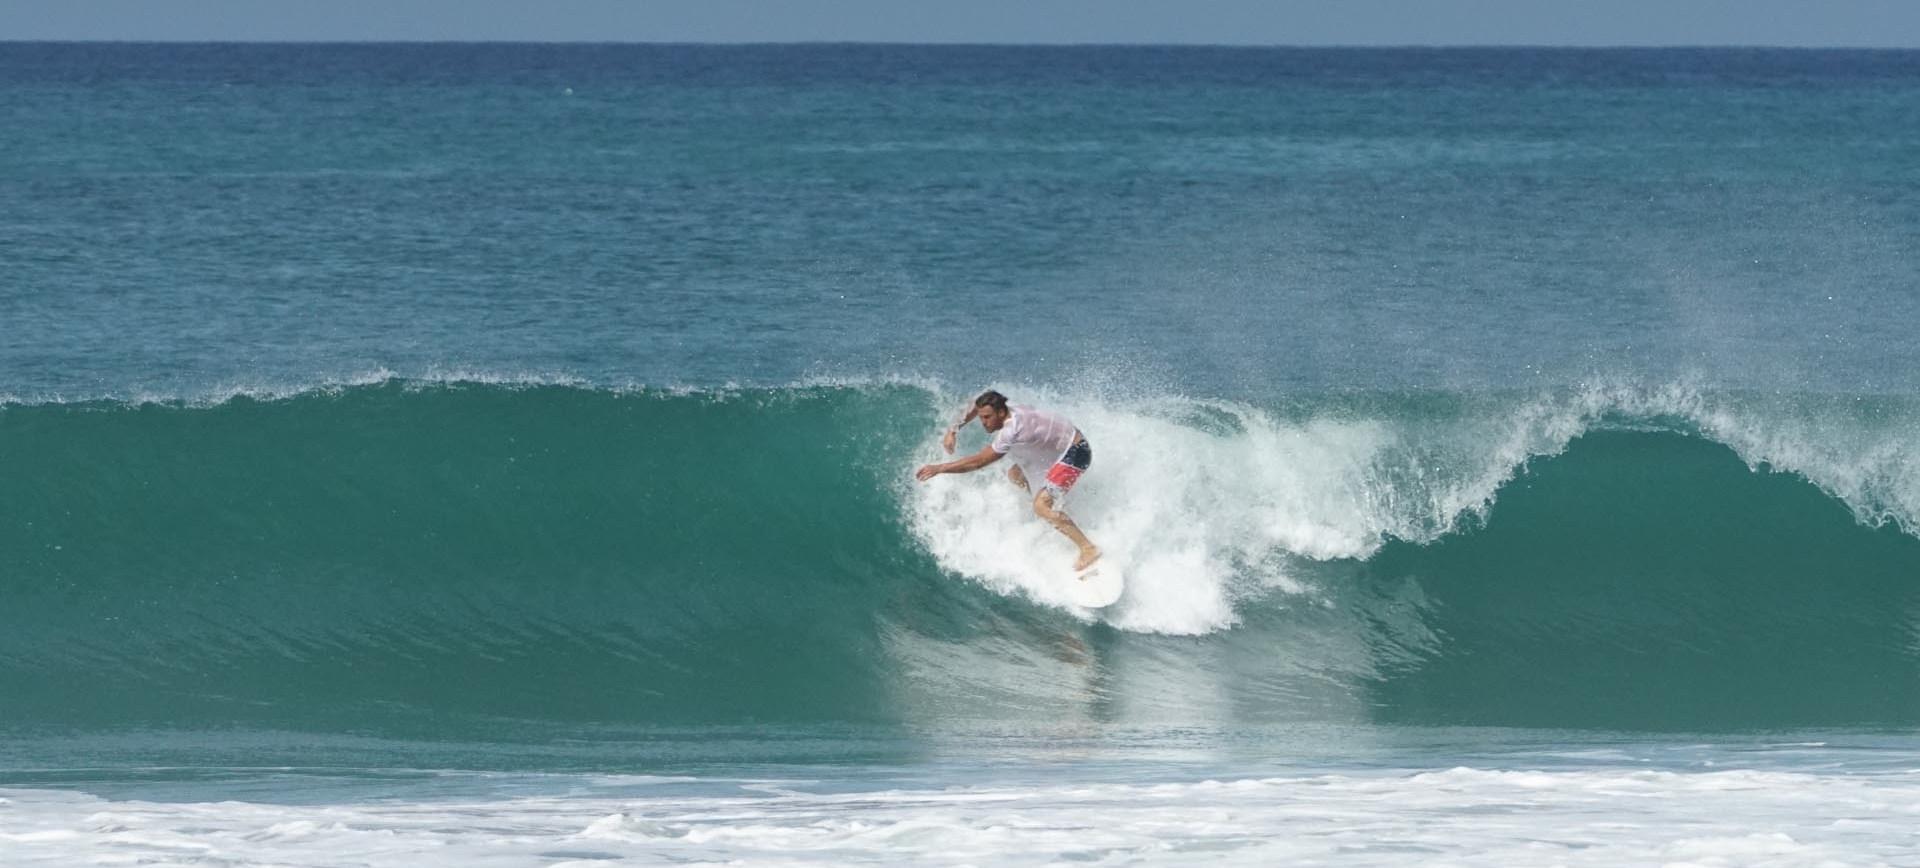 Philippe Leblond TheVanMan surfing